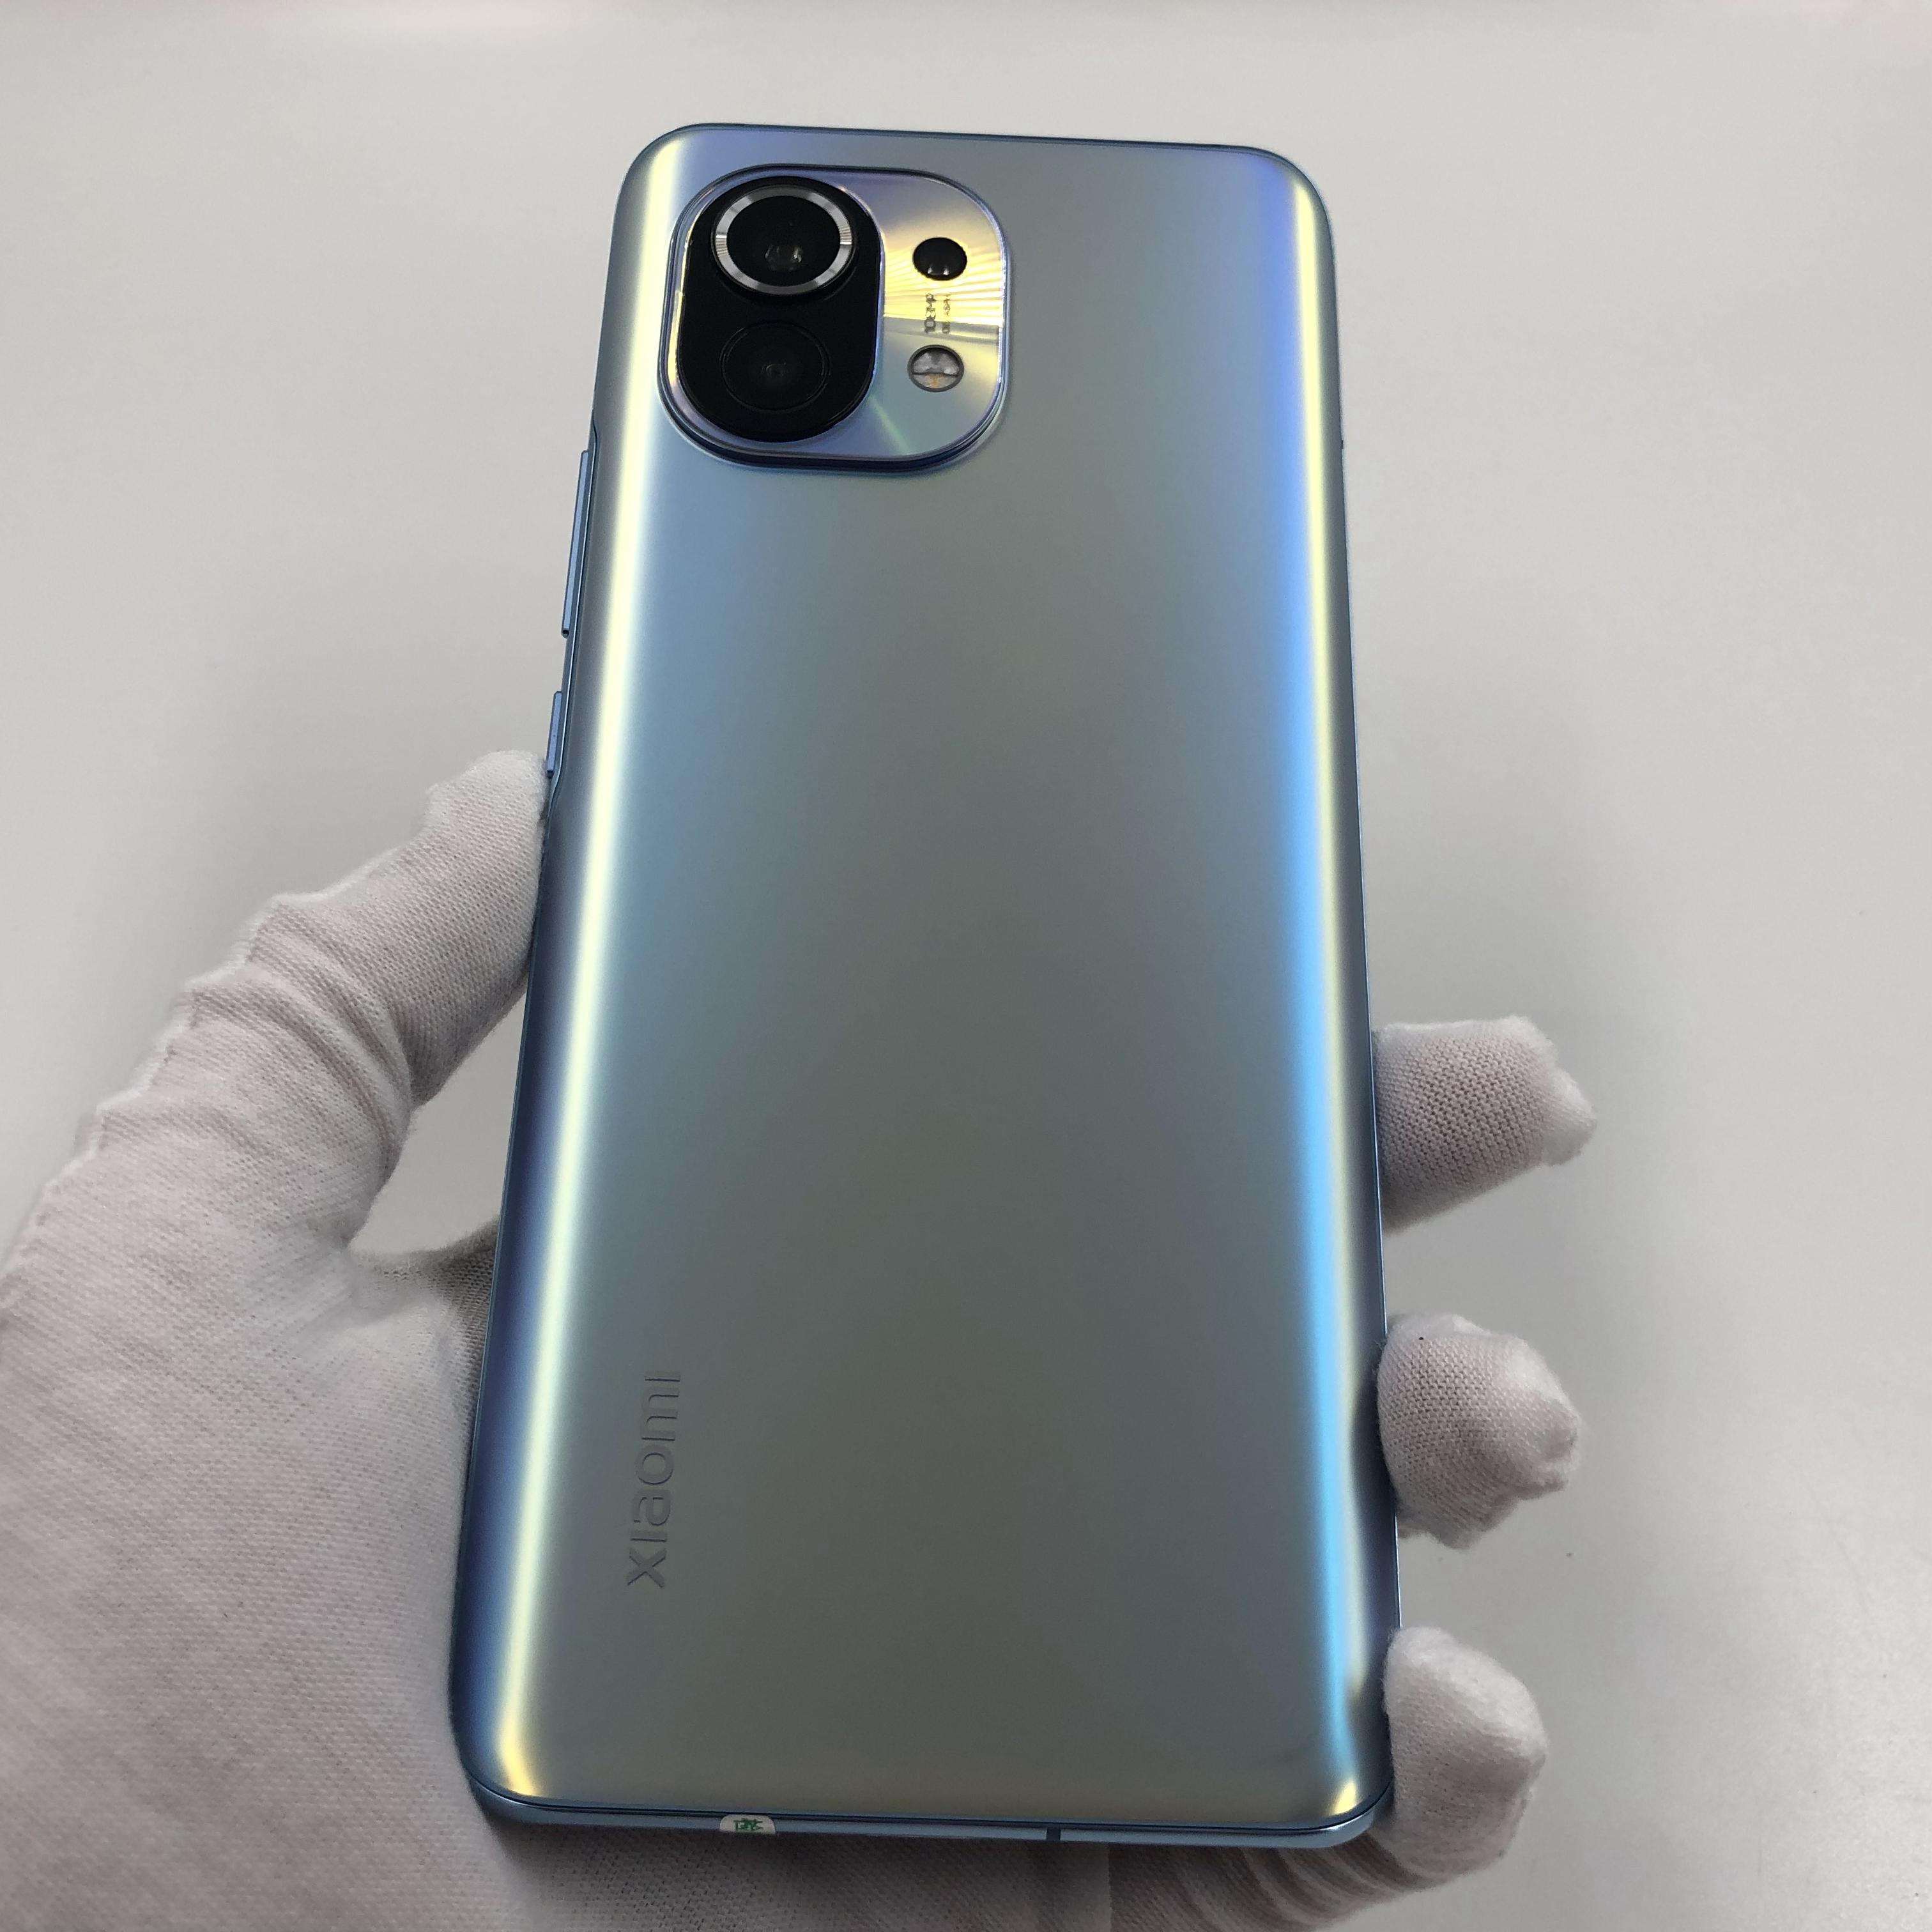 小米【小米11 5G】5G全网通 蓝色 8G/256G 国行 9成新 真机实拍